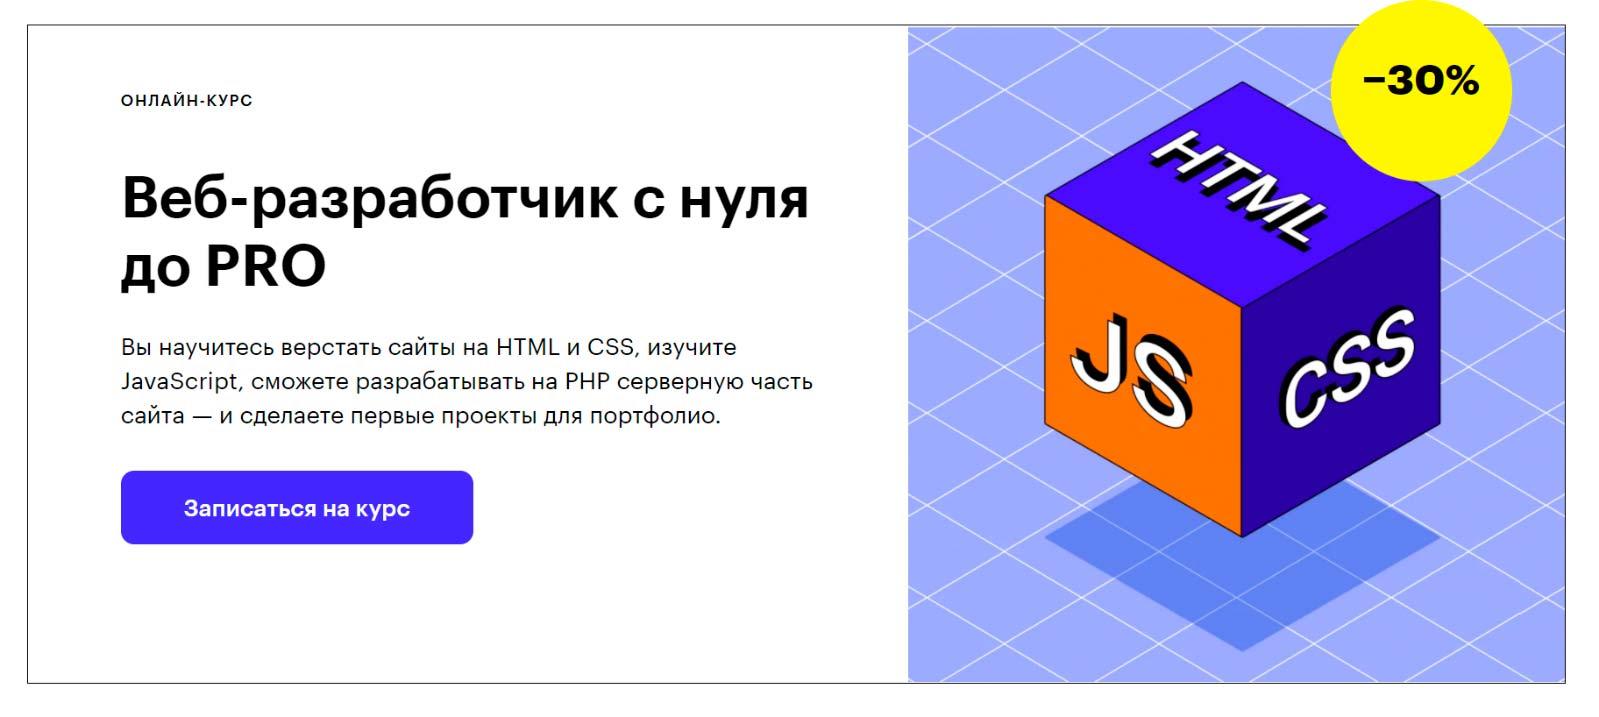 Веб-разработчик с нуля до PRO